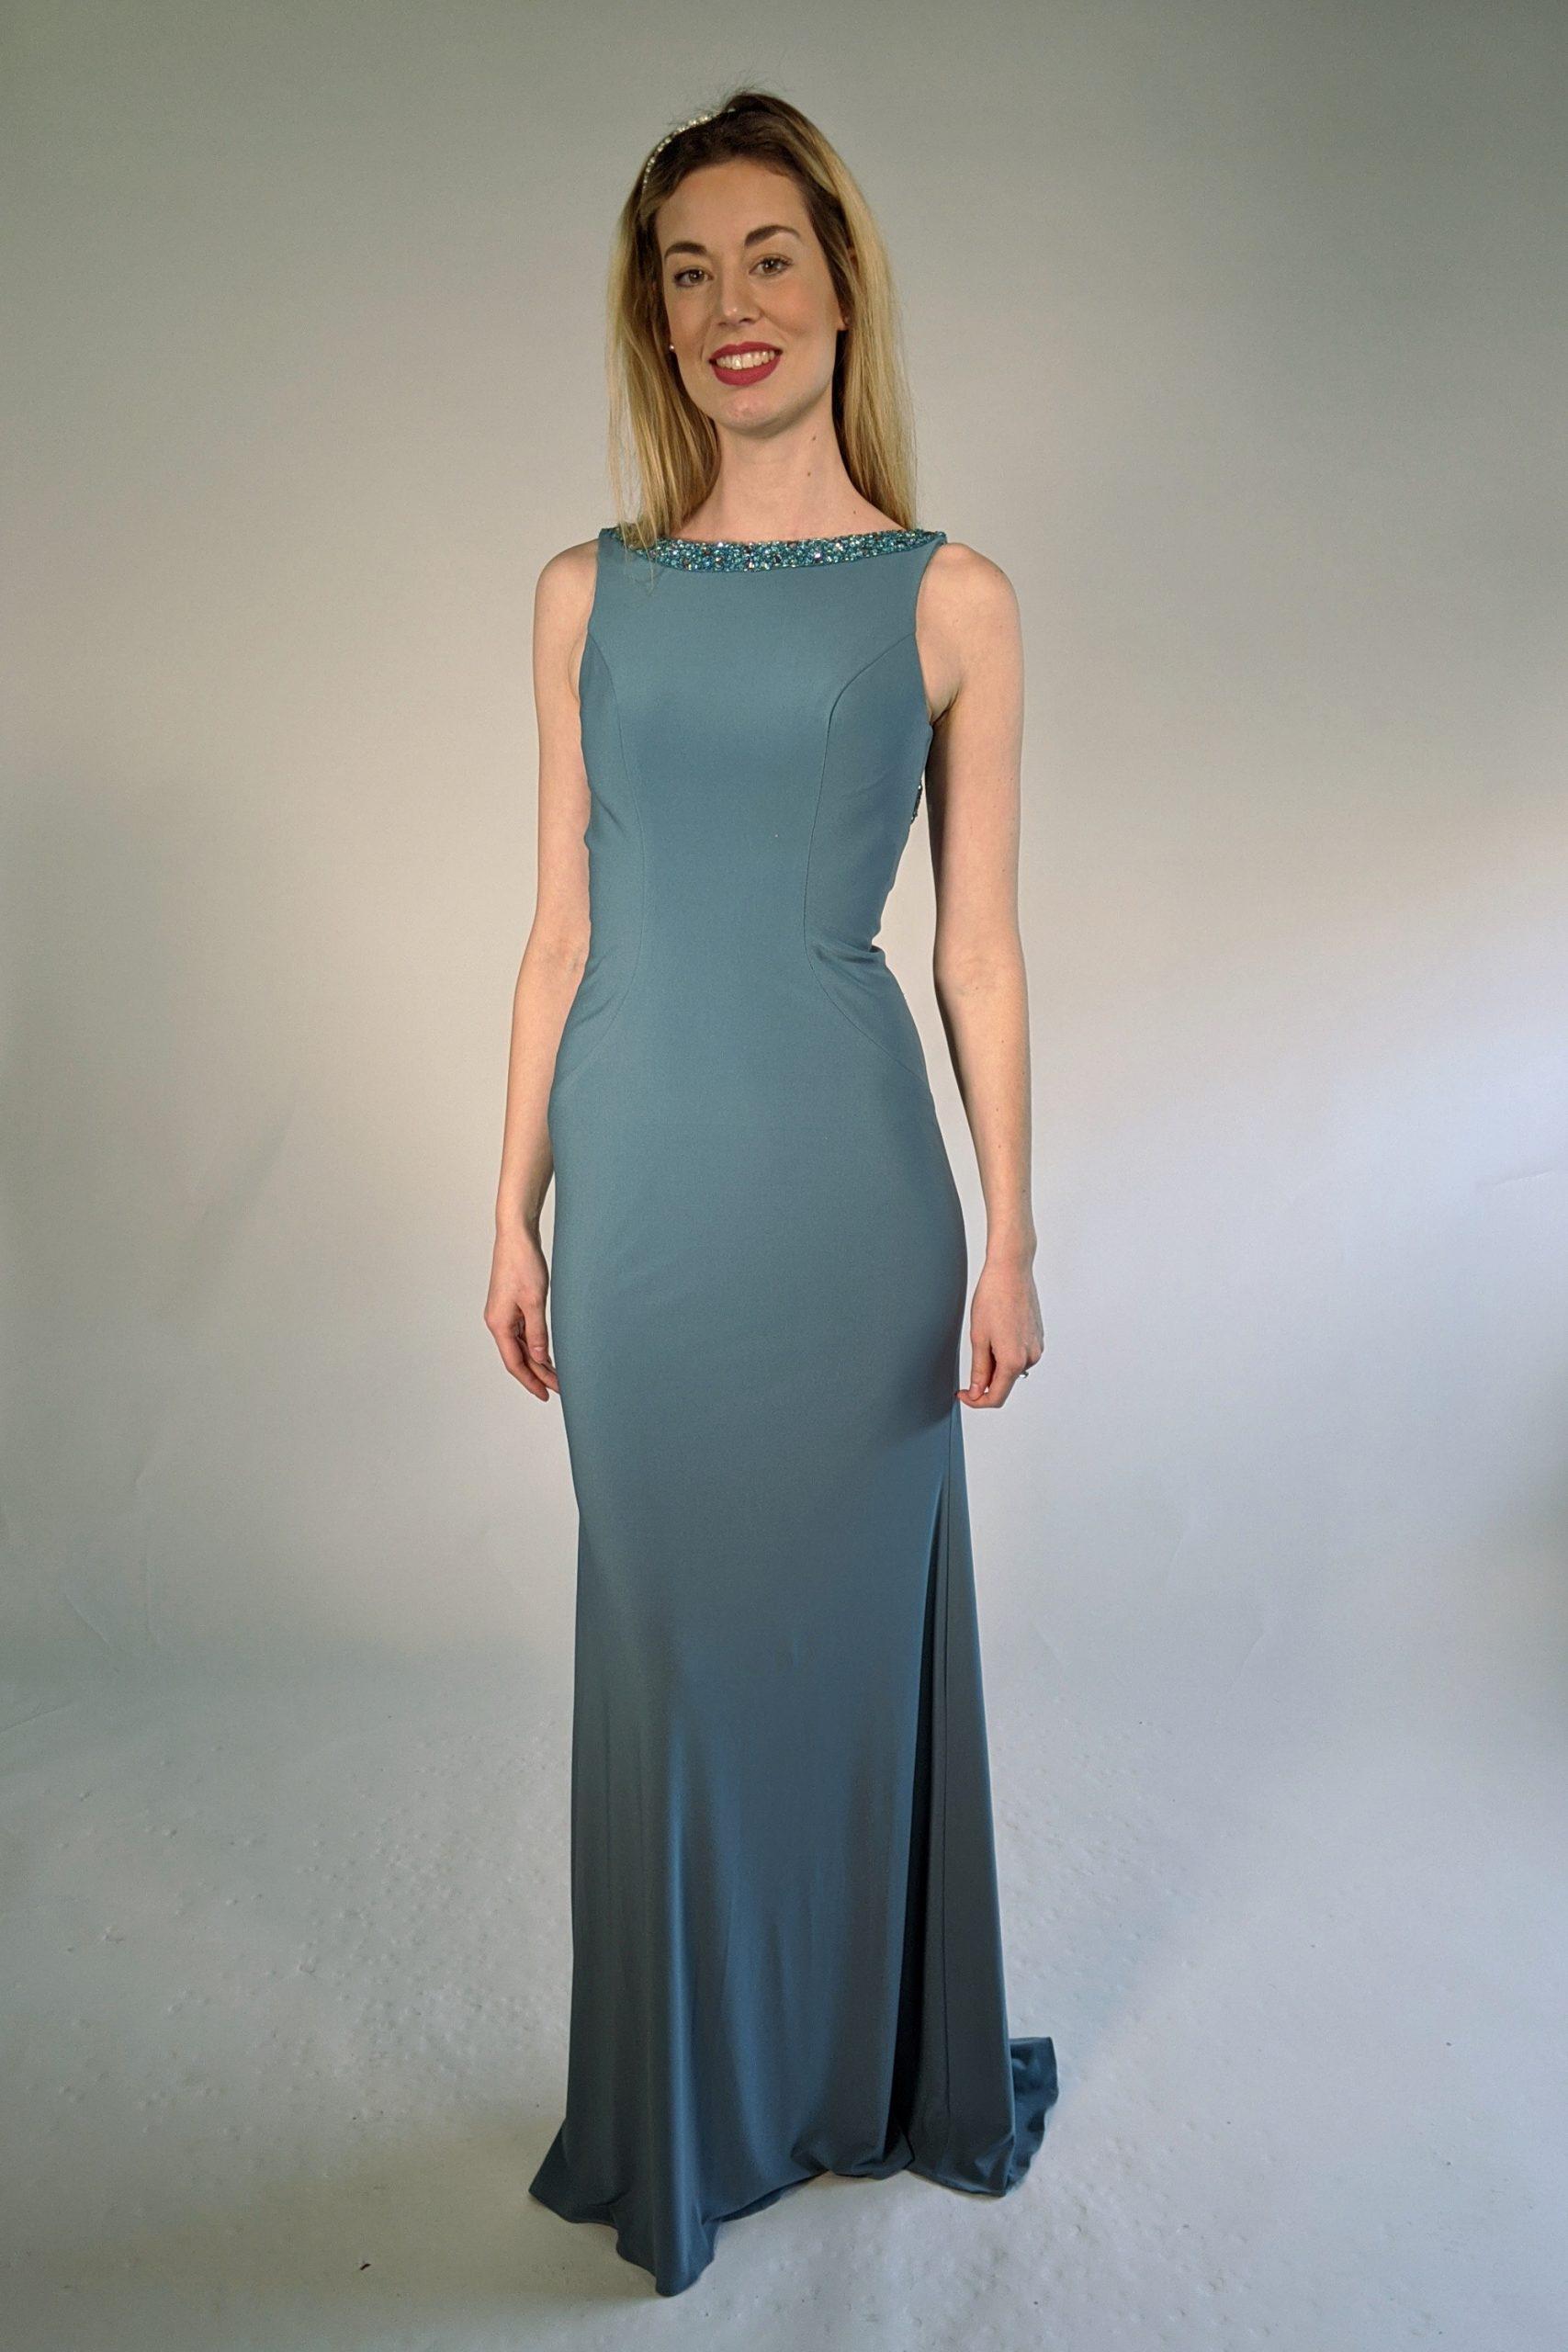 13 Elegant Abendkleider Figurbetont Bester Preis10 Erstaunlich Abendkleider Figurbetont Bester Preis